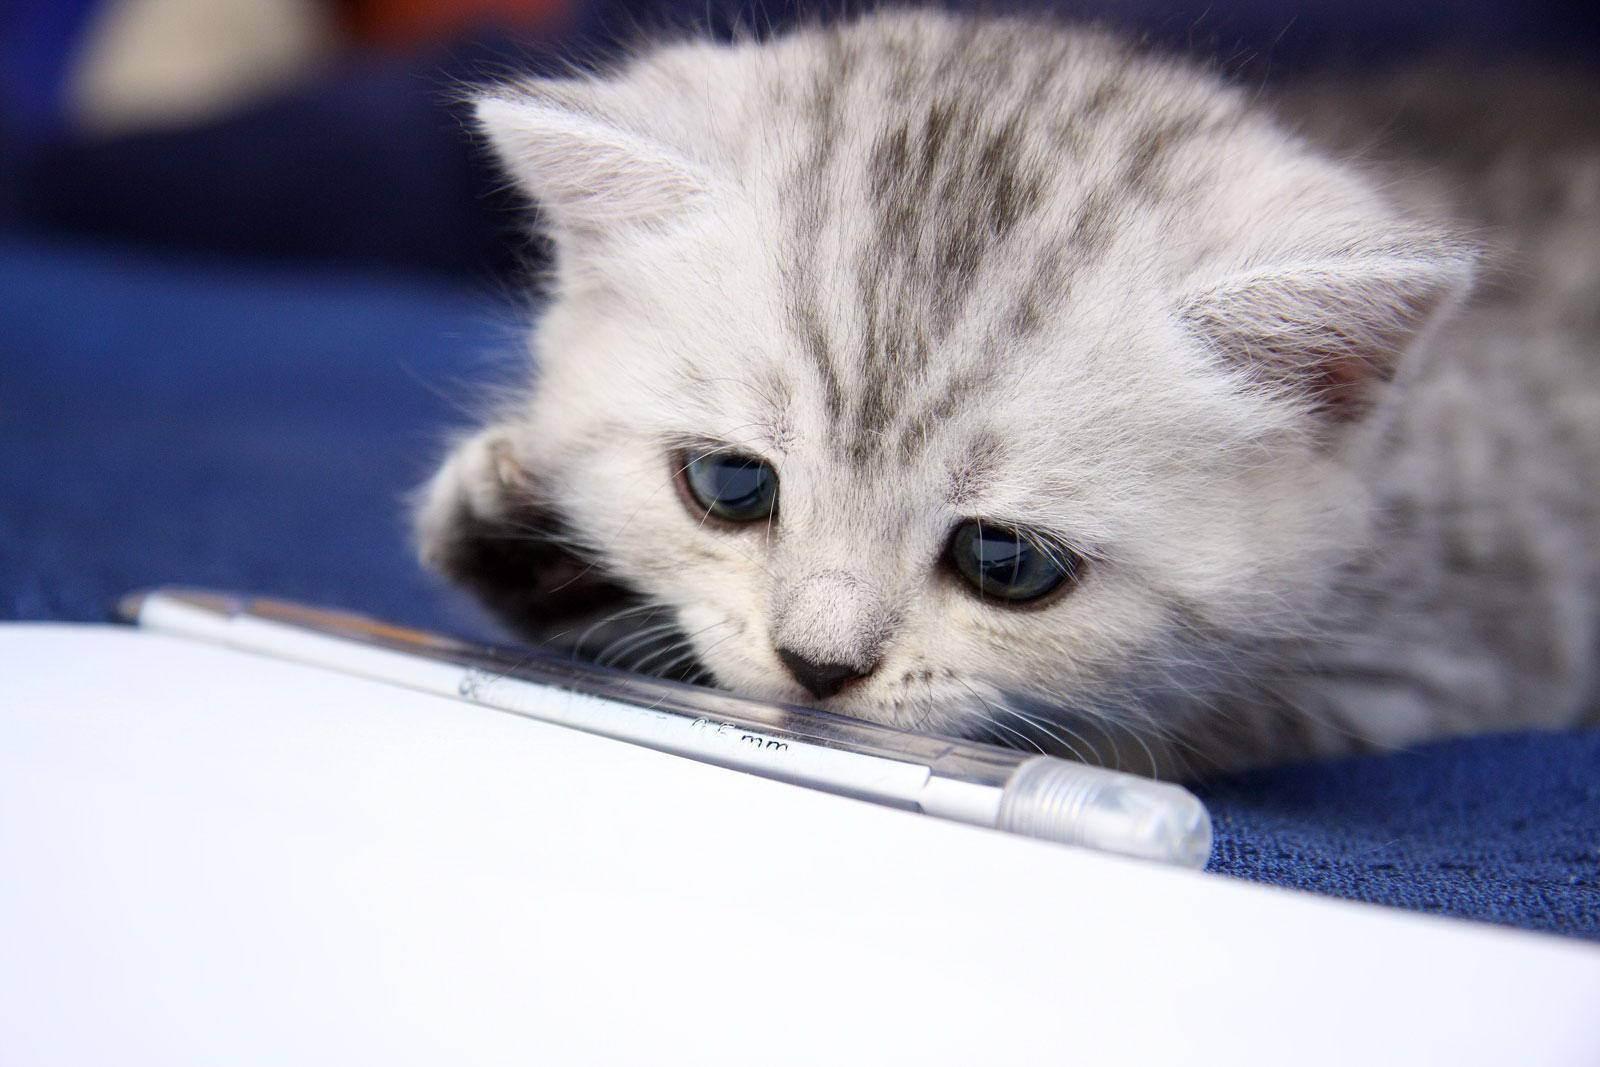 Документы для кошки   мои домашние питомцы